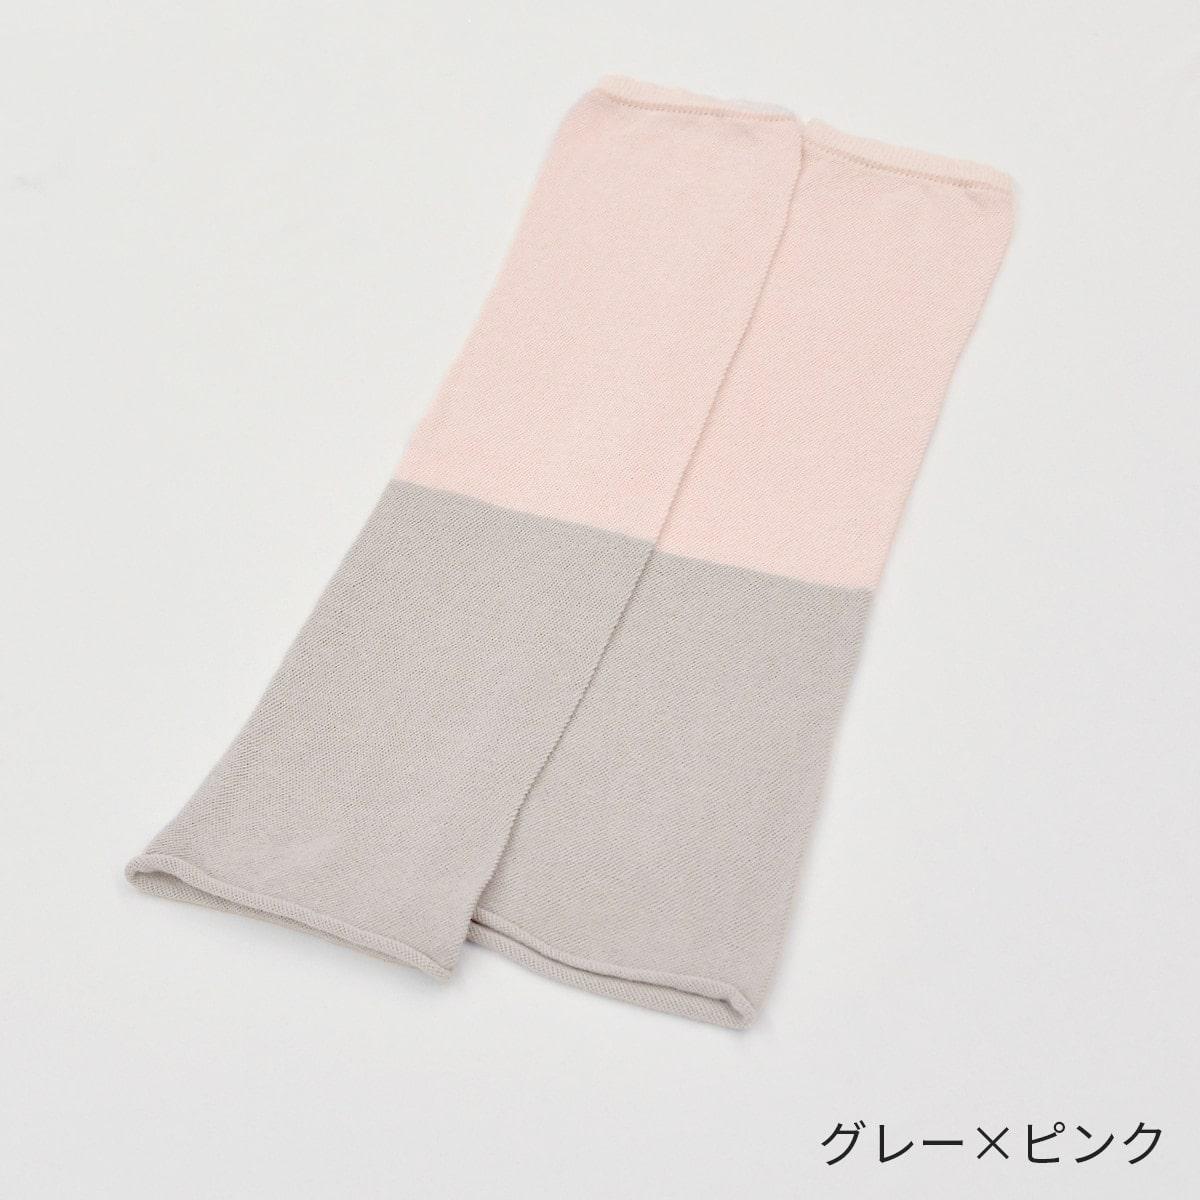 コンフォートハグ 綿麻2トーンアームカバー(ショート)Comfort hugge